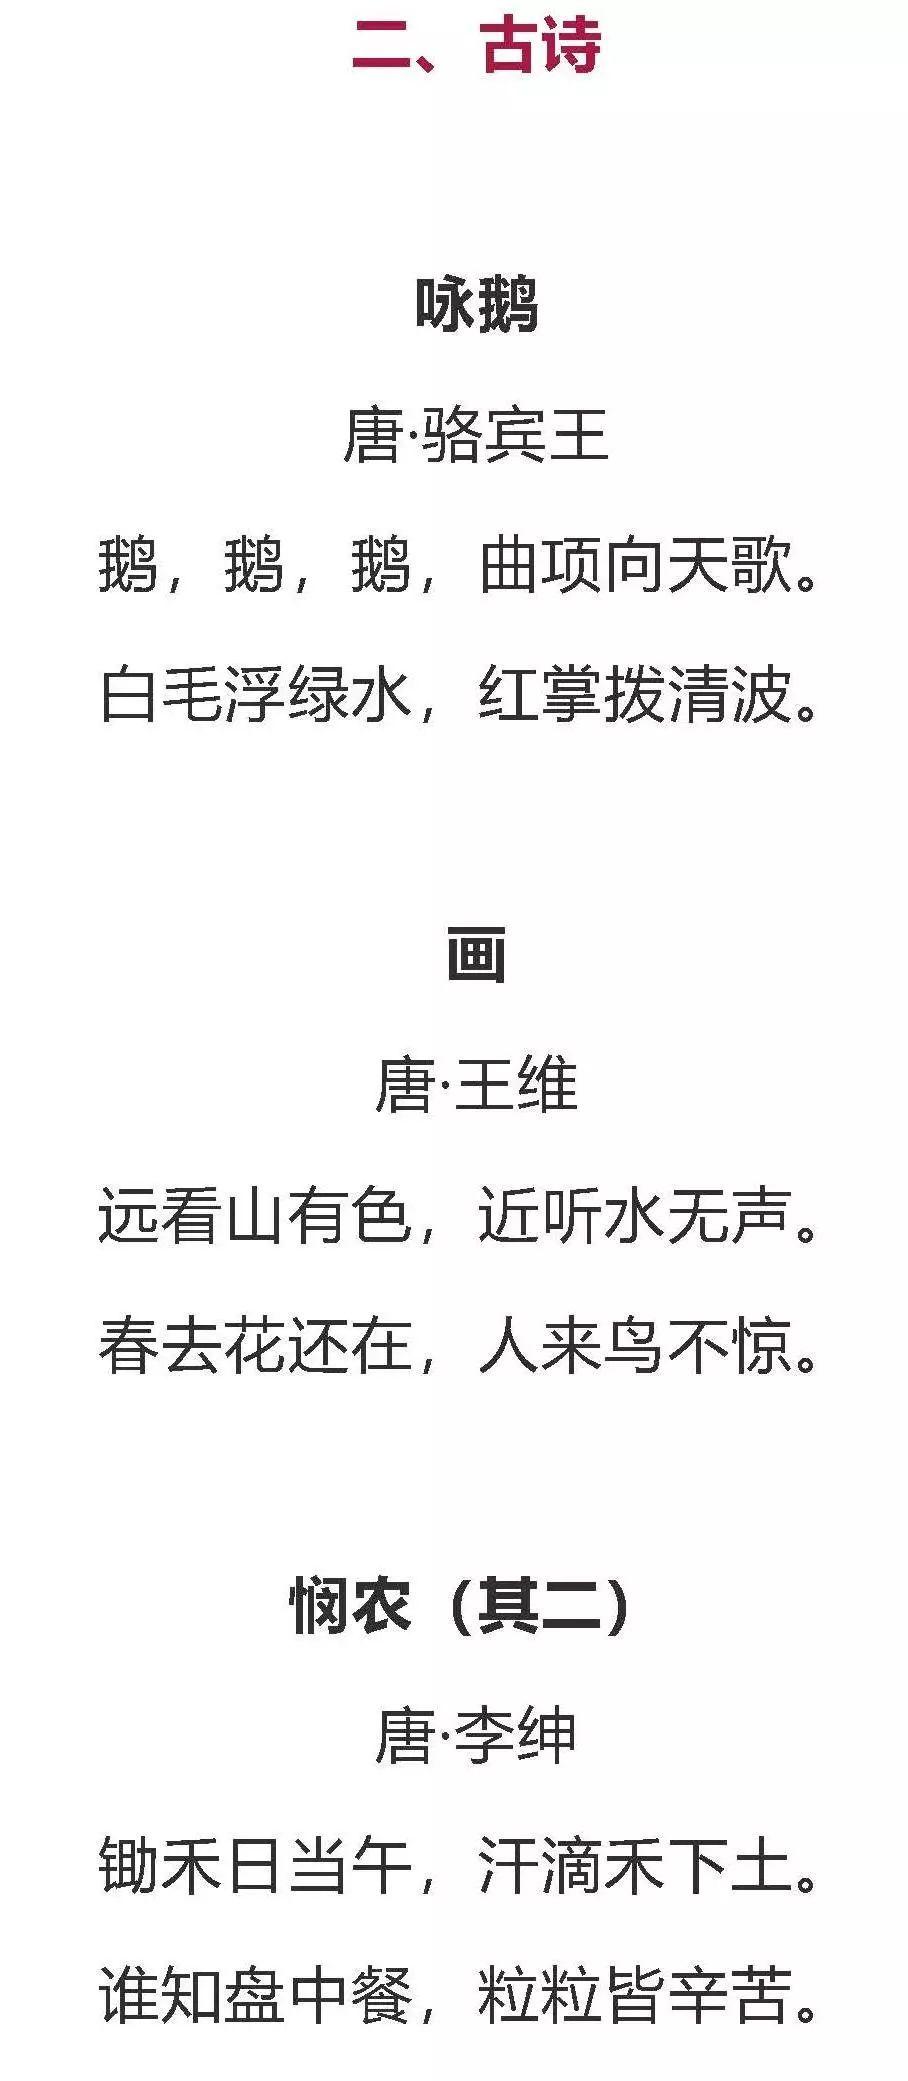 2019年小学语文六年级下册词语盘点、日积月累、古诗词背诵.d...